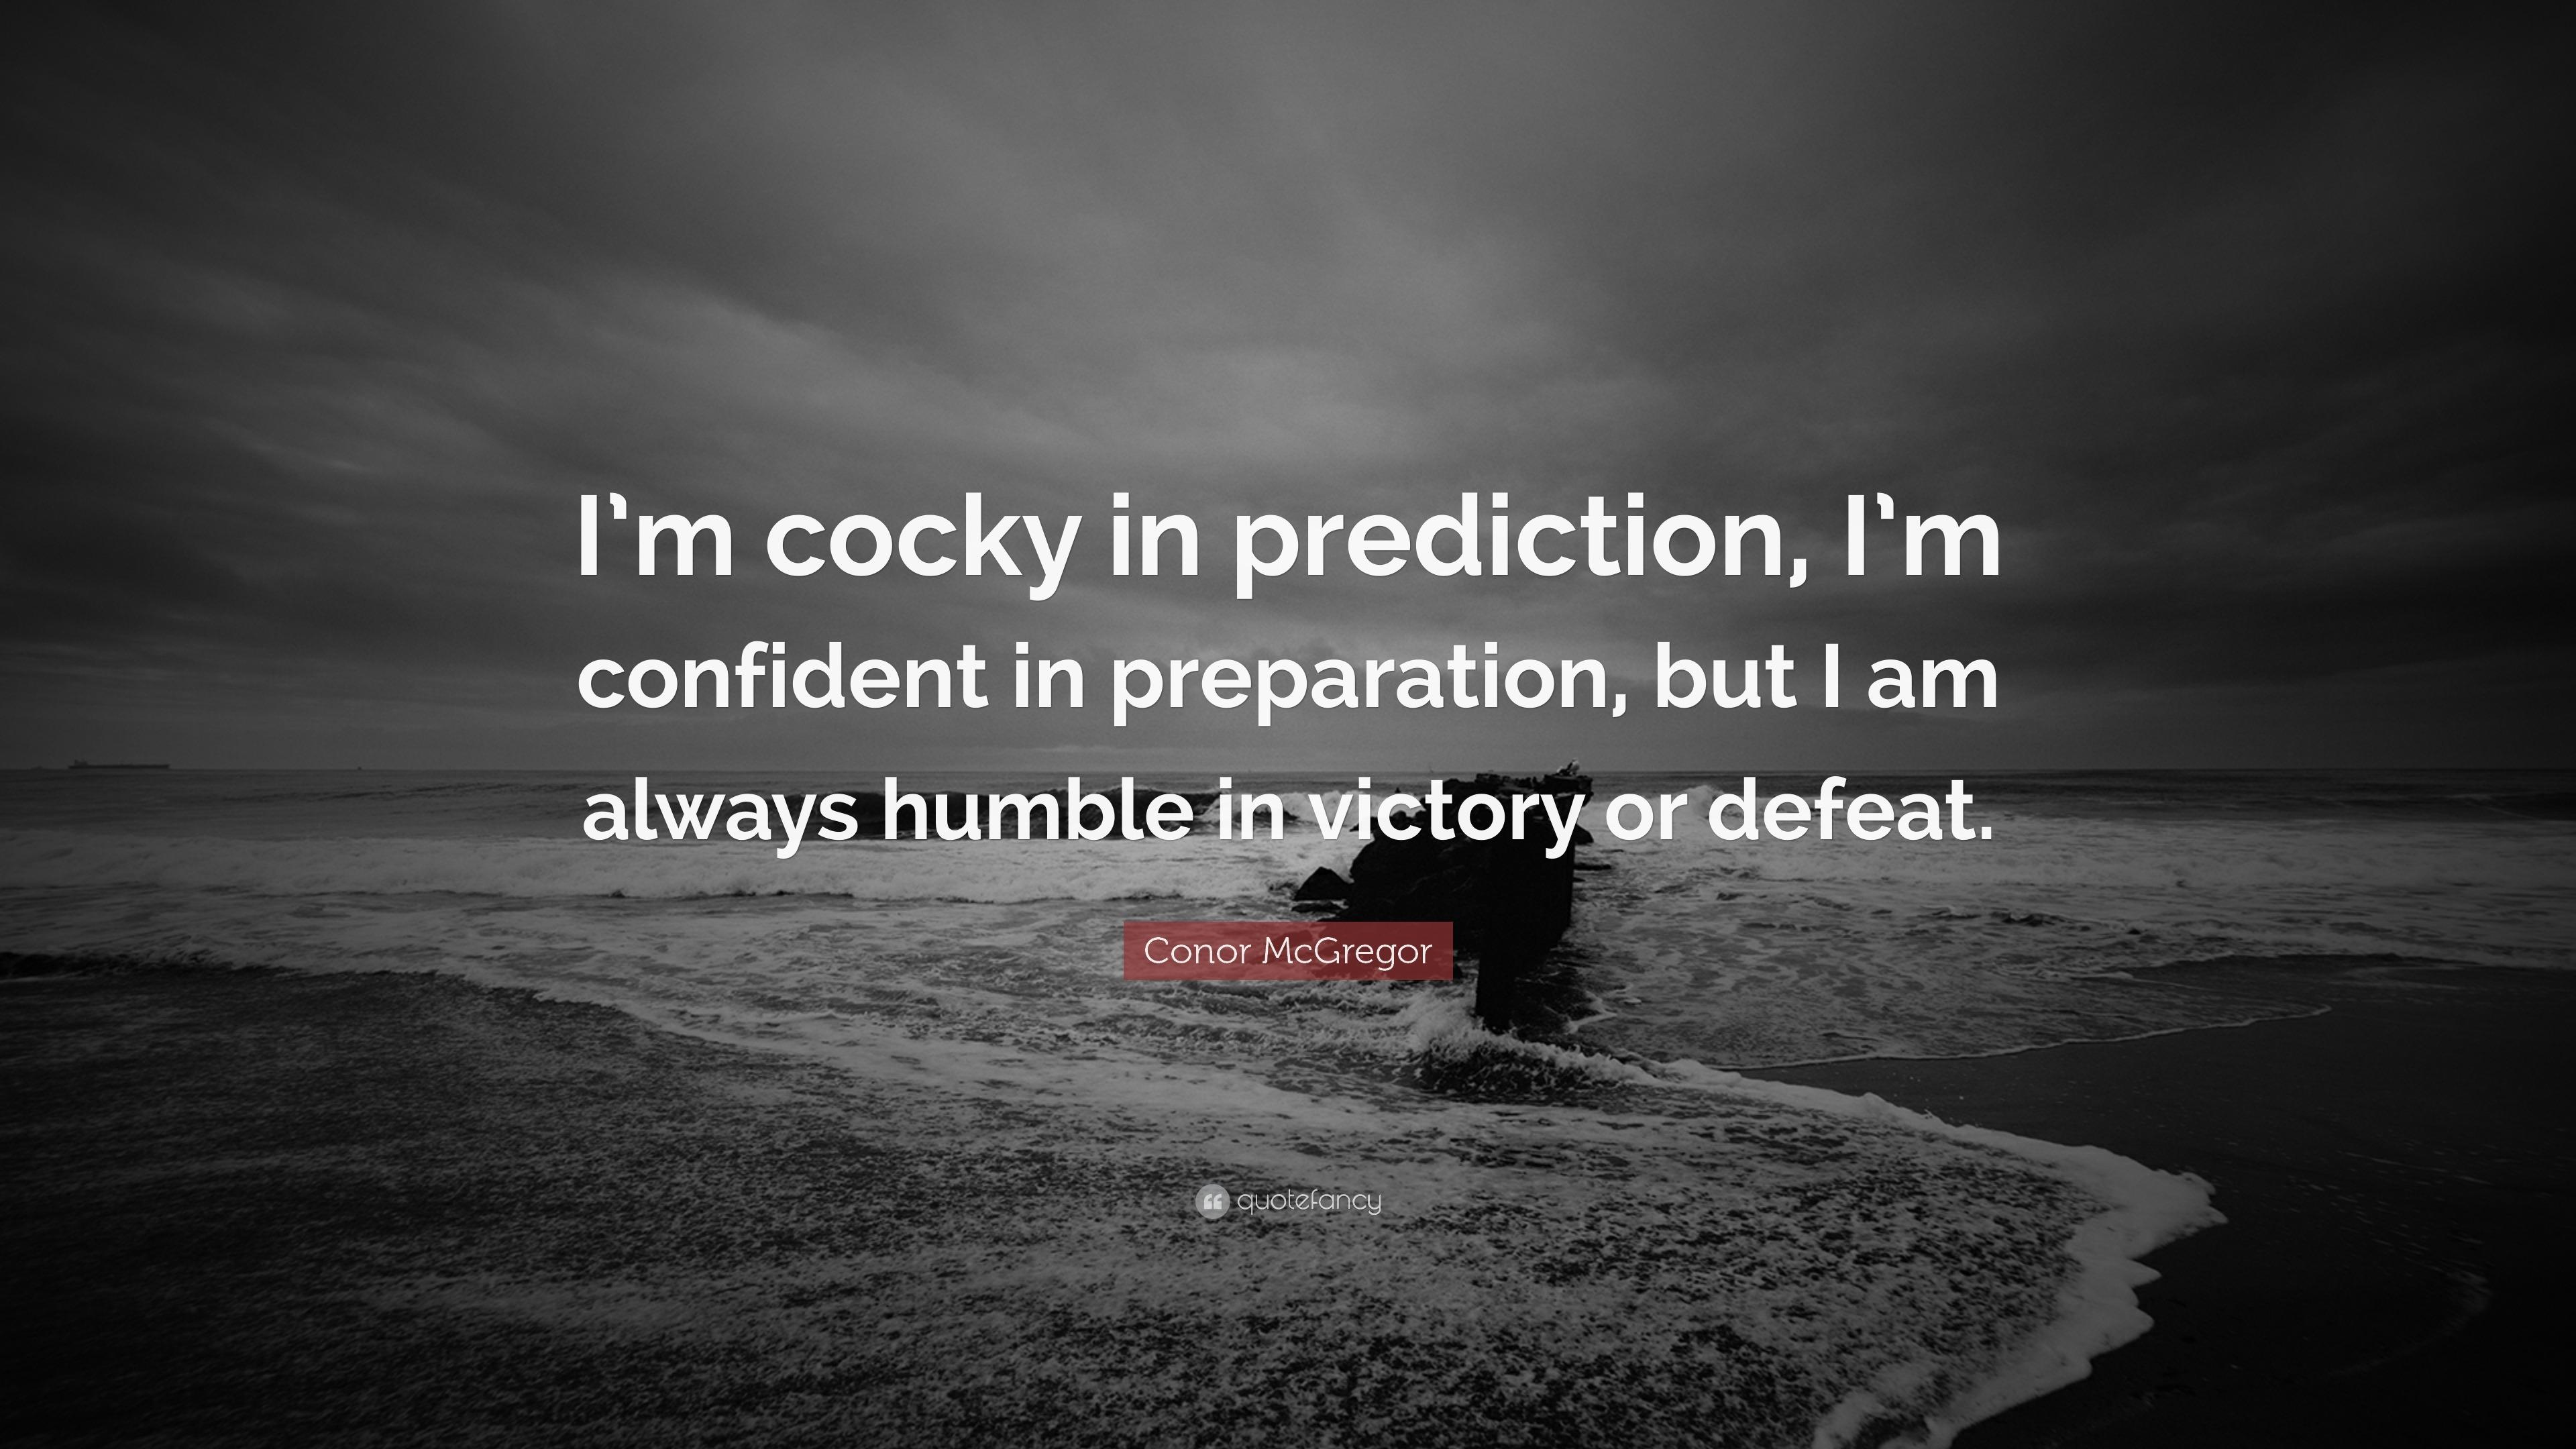 conor mcgregor quote i m cocky in prediction i m confident in